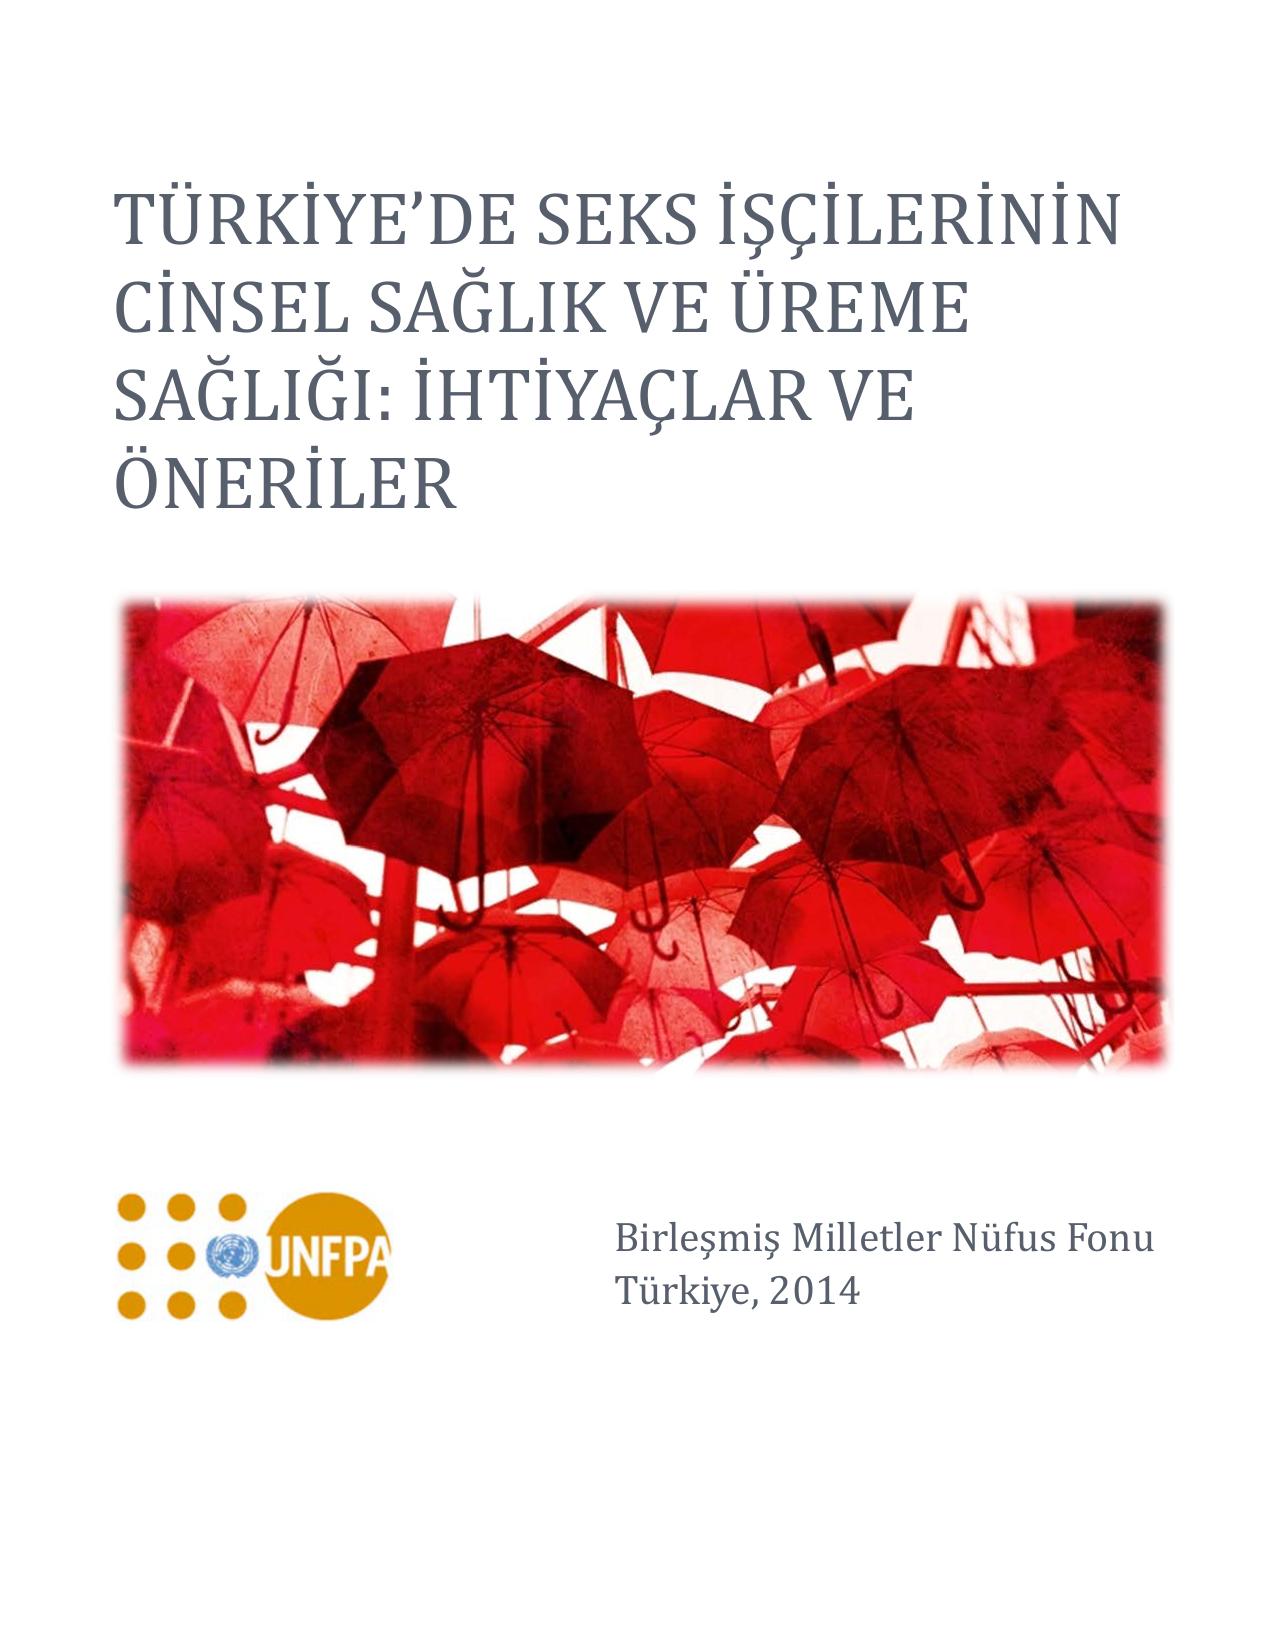 Türkiye'de cinsellik kadını hasta ediyor